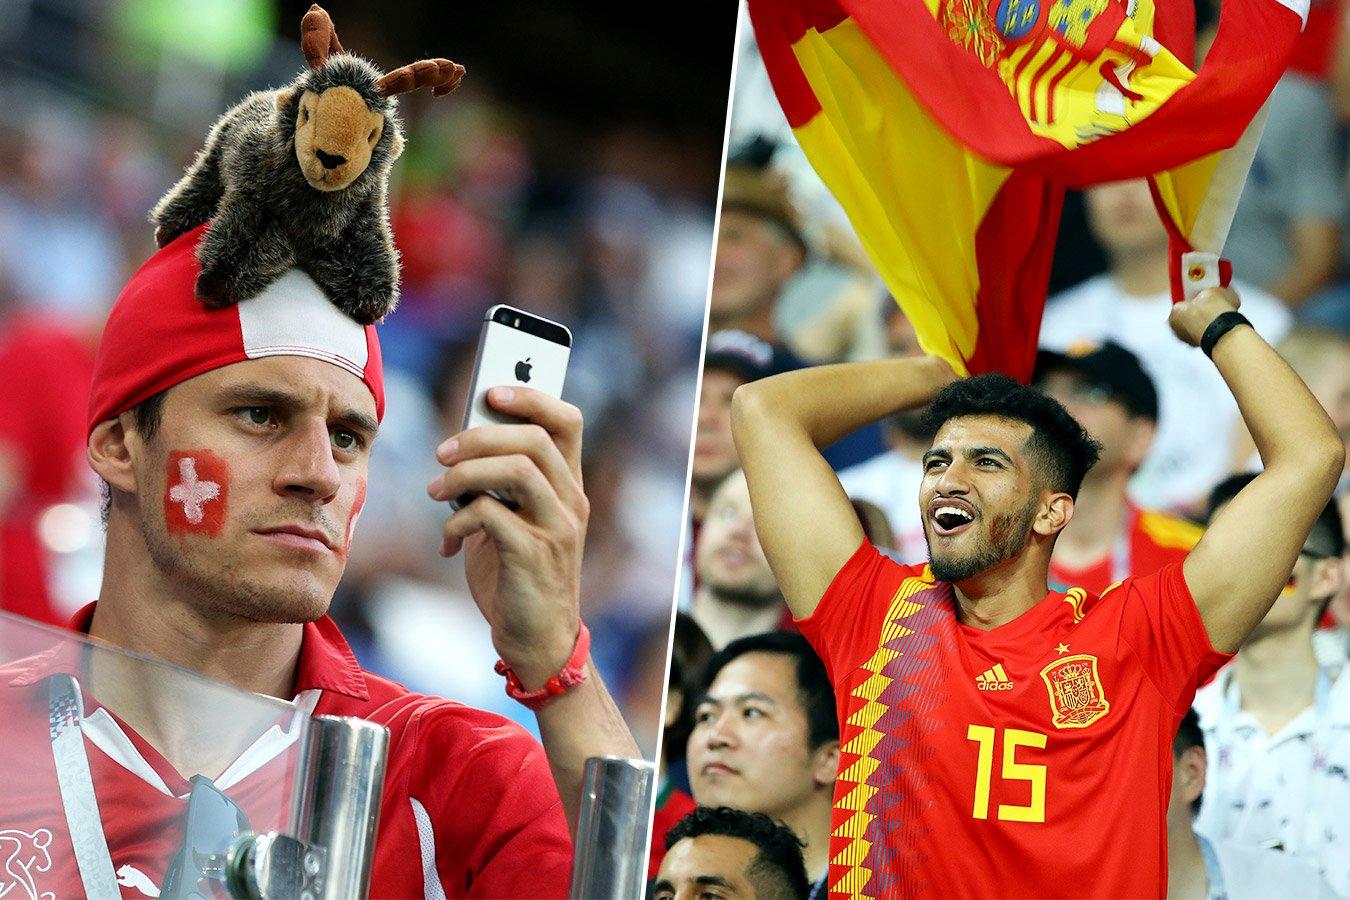 Швейцария — Испания: прямая трансляция матча Евро-2020 на Первом канале